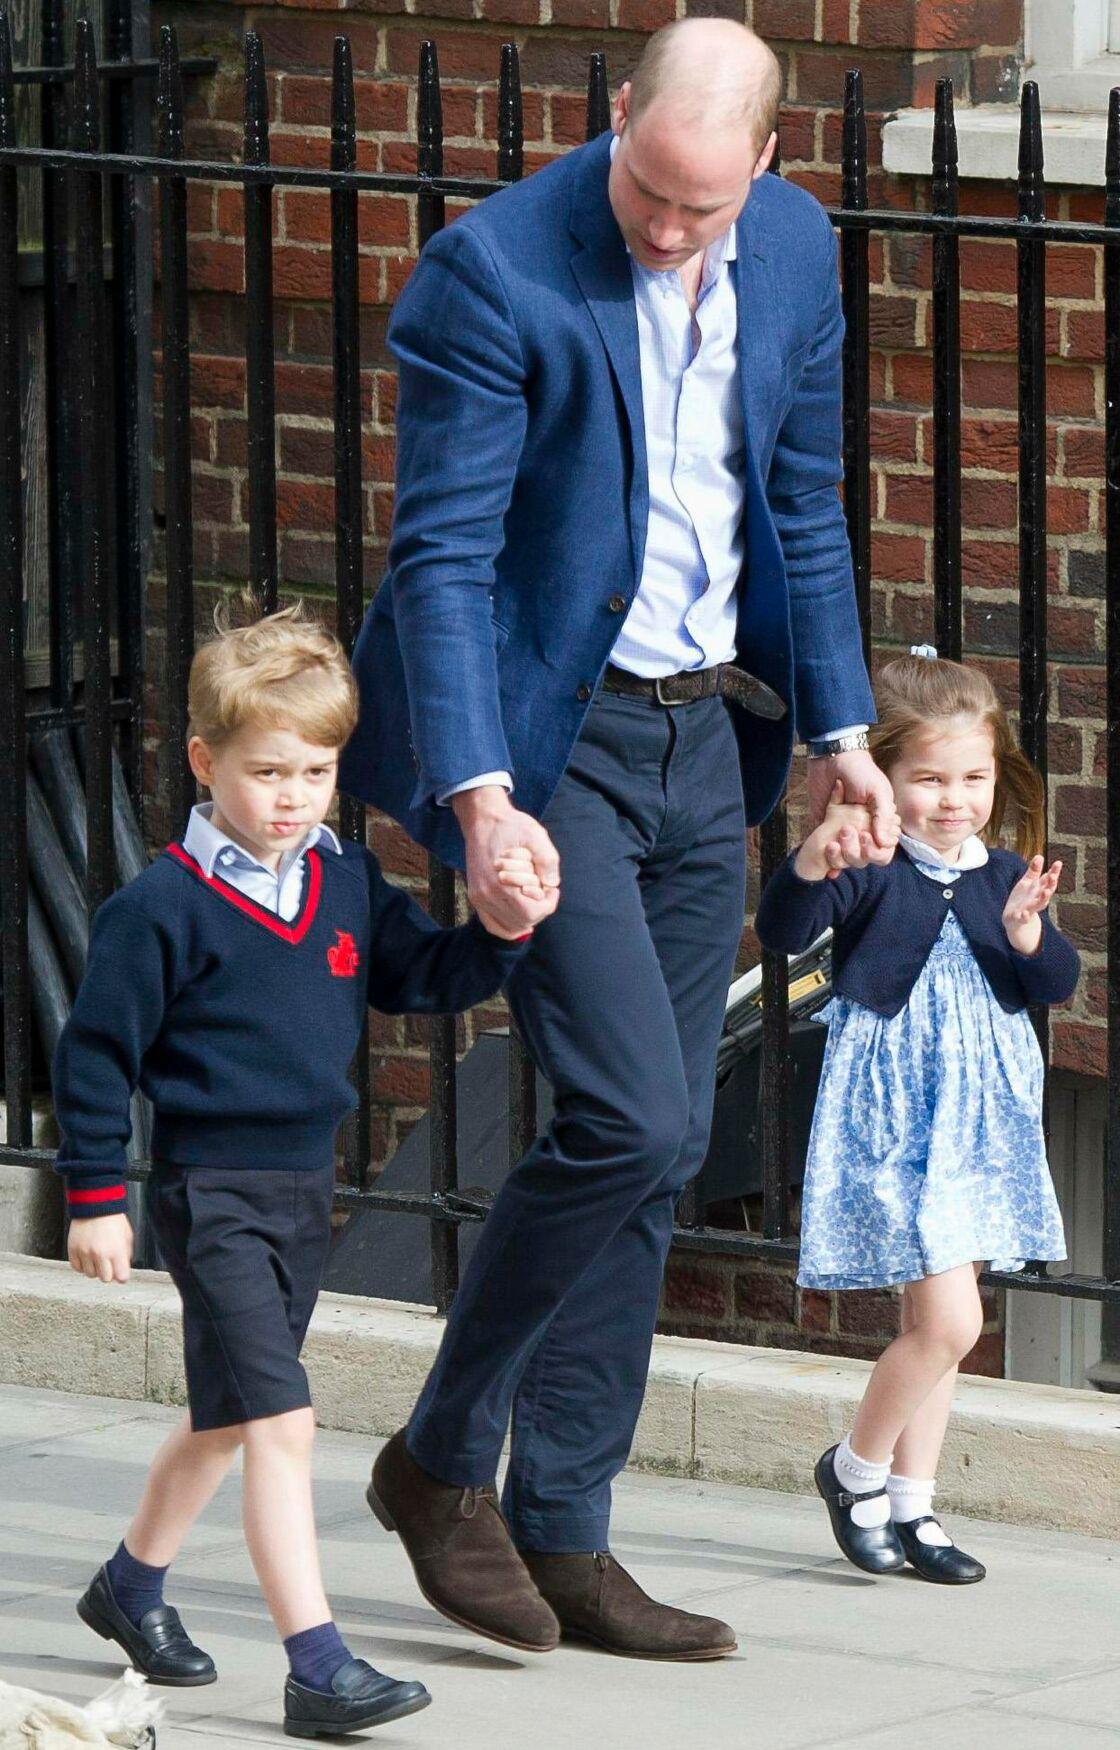 Le prince George et sa soeur Charlotte escortés par le père William jusqu'à Kate et leur petit frère Louis, dans l'après-midi du 23 avril 2018